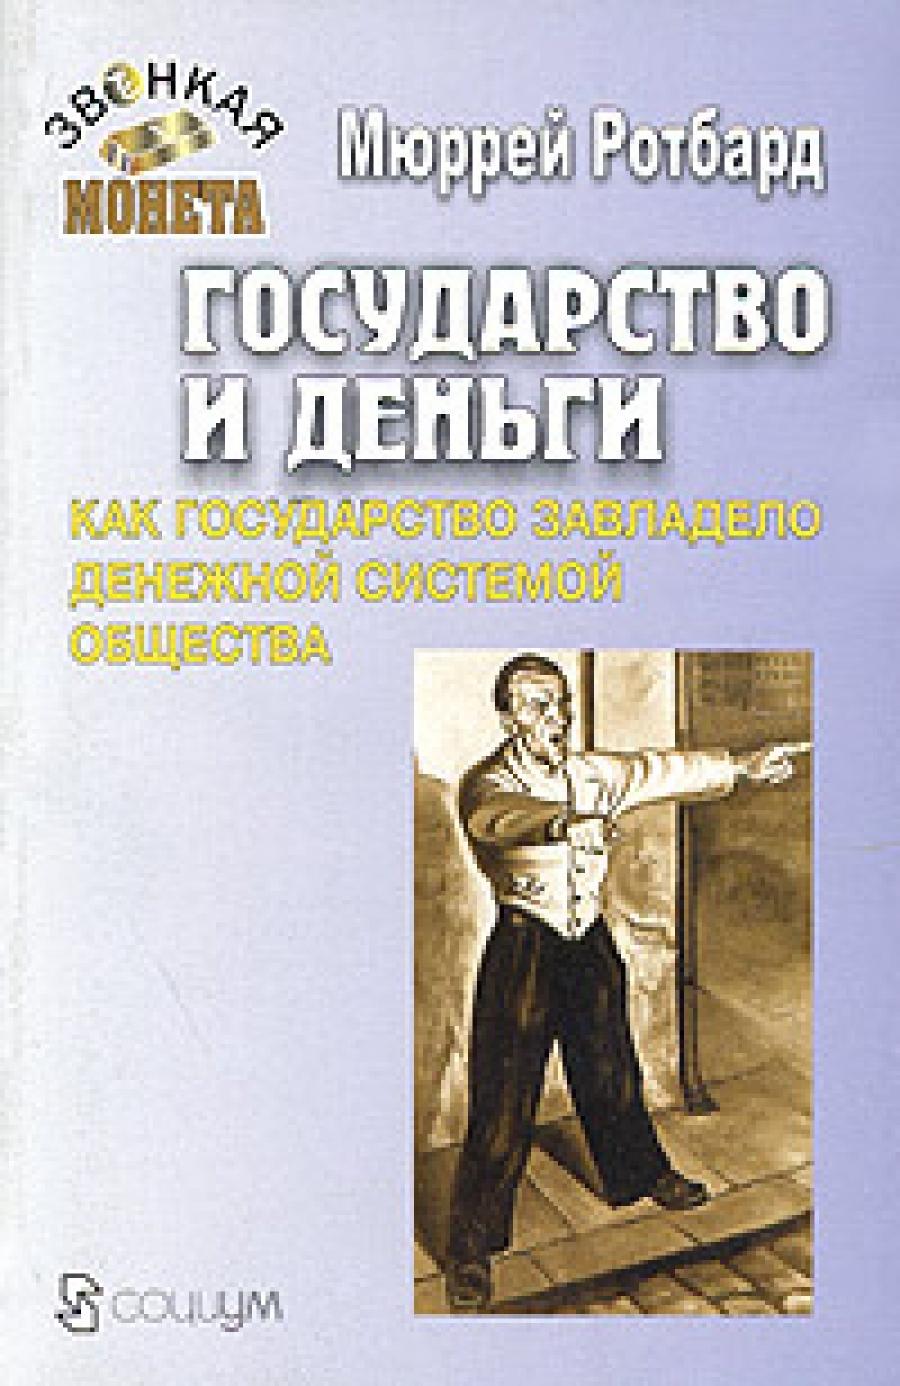 Обложка книги:  ротбард мюррей - государство и деньги как государство завладело денежной системой общества